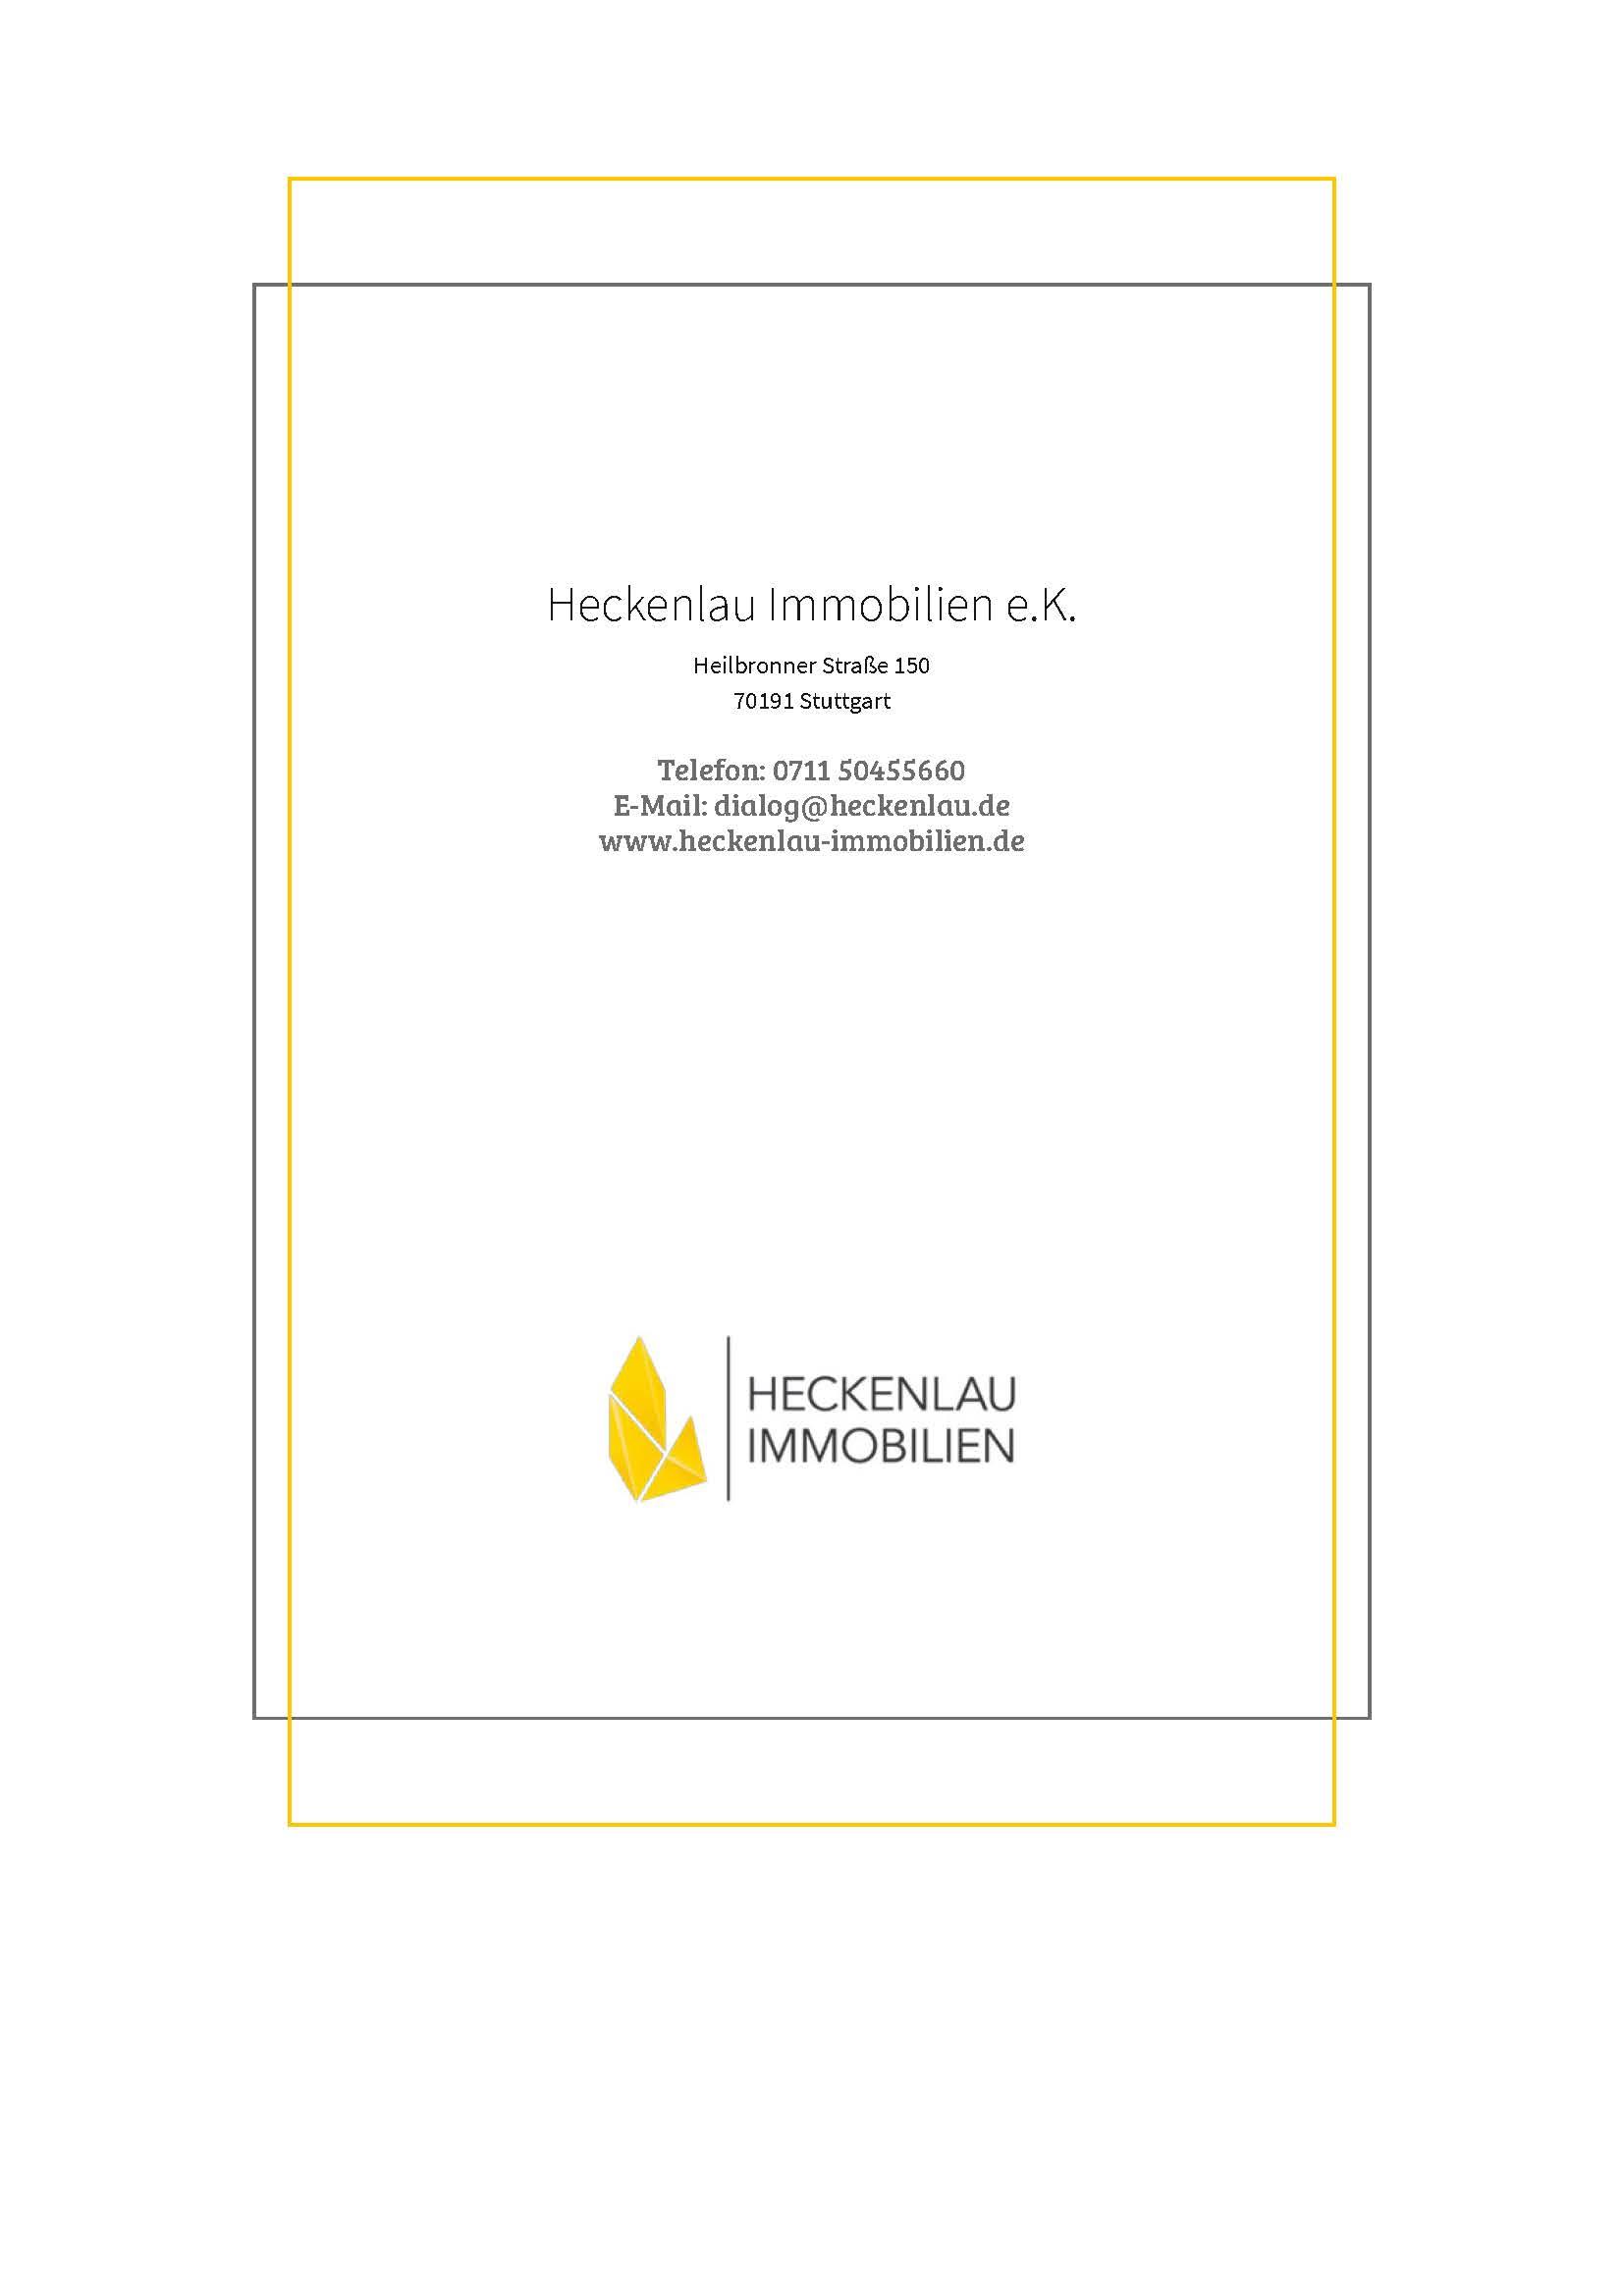 Aufbereitung der Immobilie - Checkliste von Heckenlau Immobilien - Makler für den Verkauf von Wohnimmobilien in Stuttgart